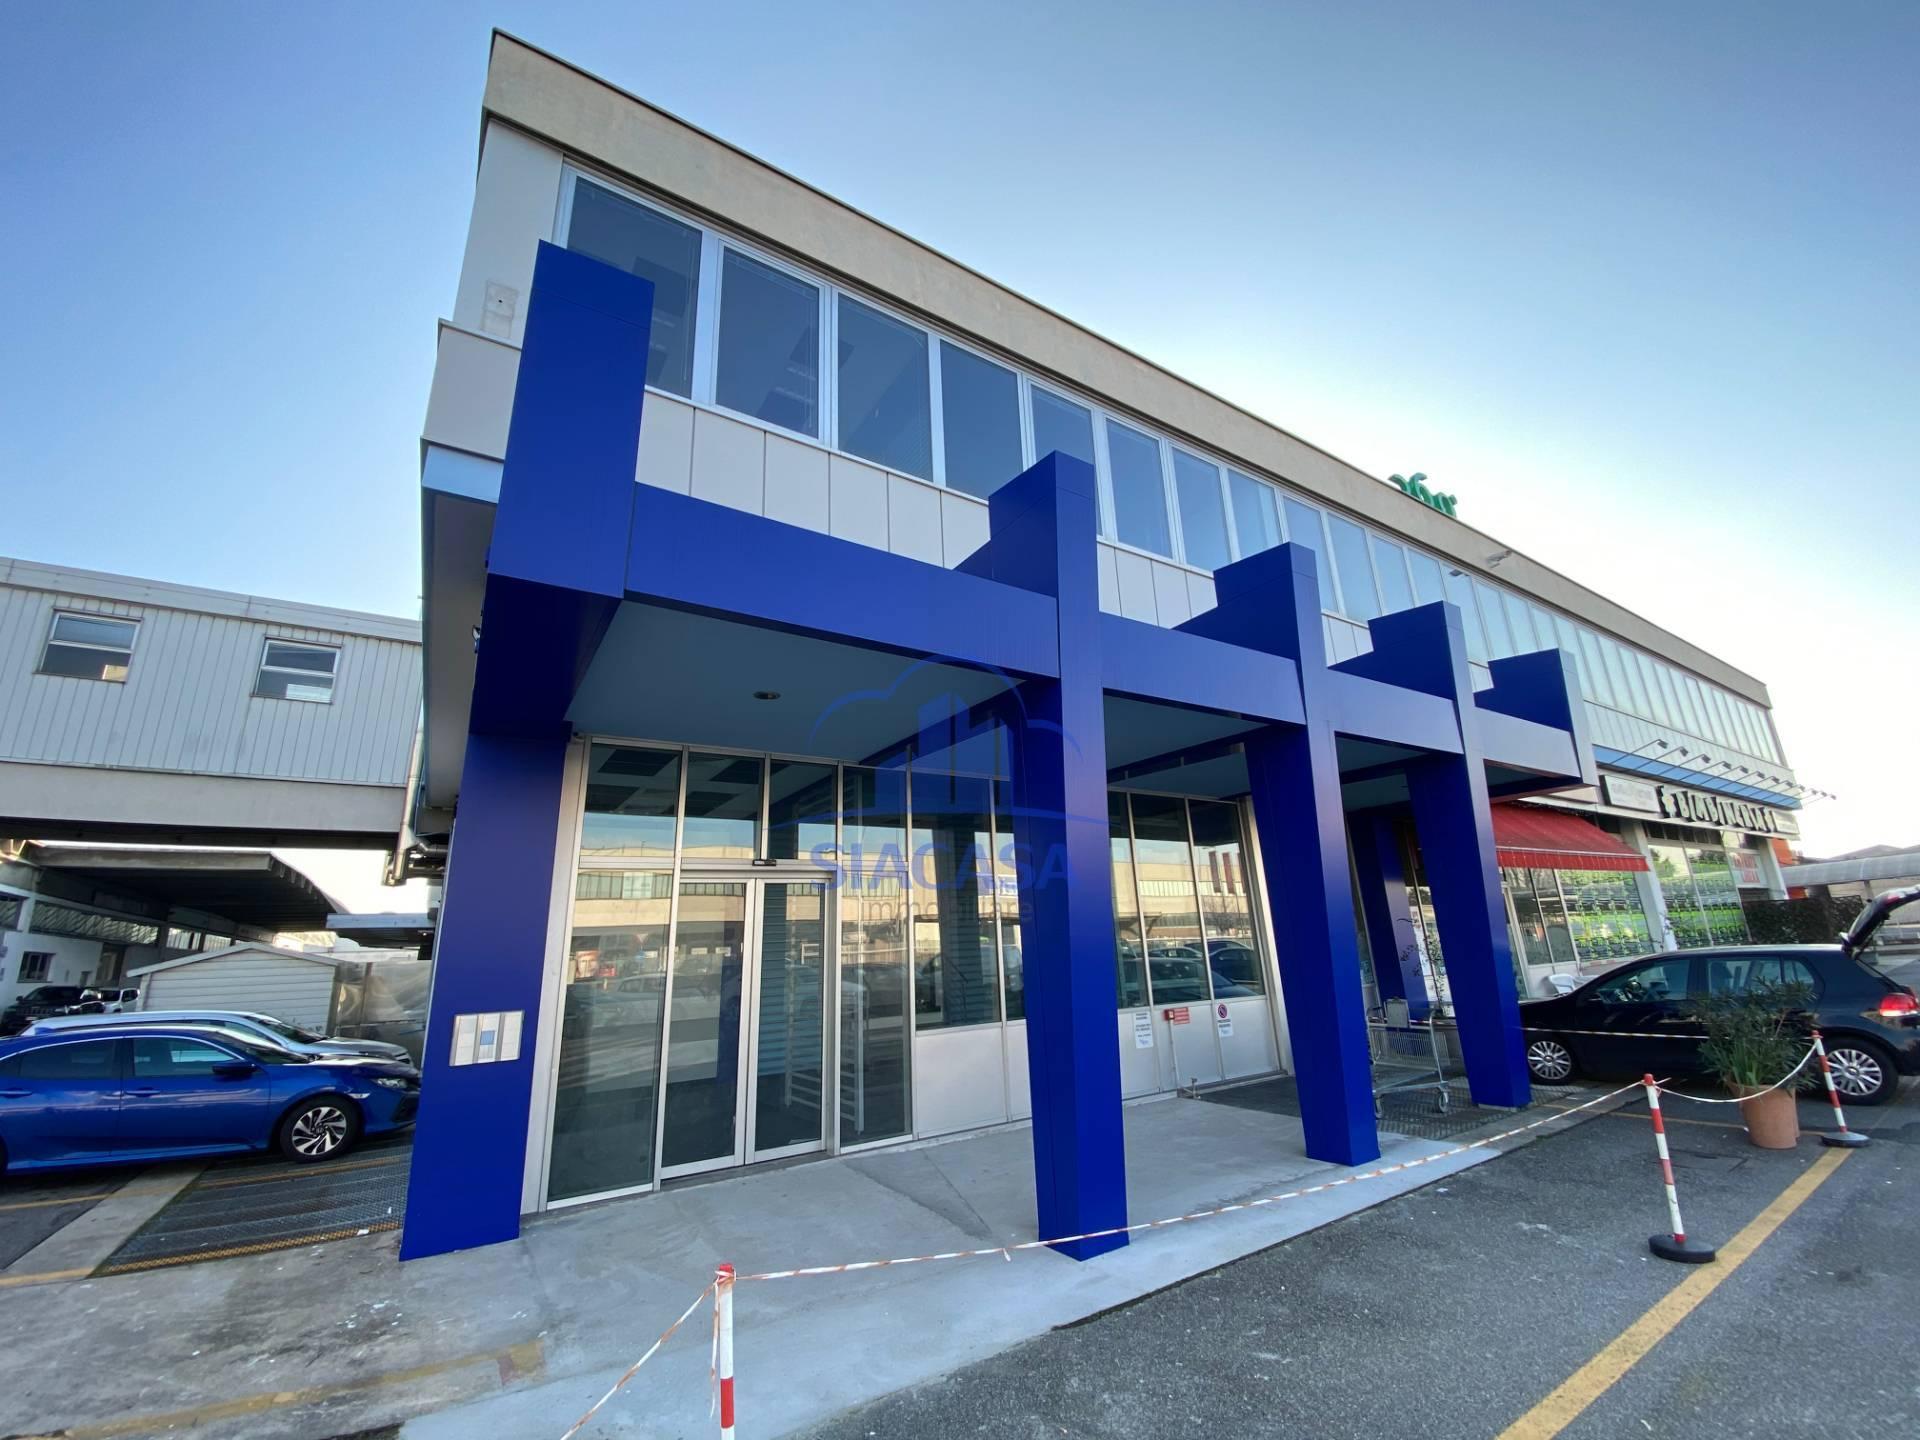 Ufficio / Studio in affitto a Cernusco sul Naviglio, 9999 locali, prezzo € 2.631 | PortaleAgenzieImmobiliari.it